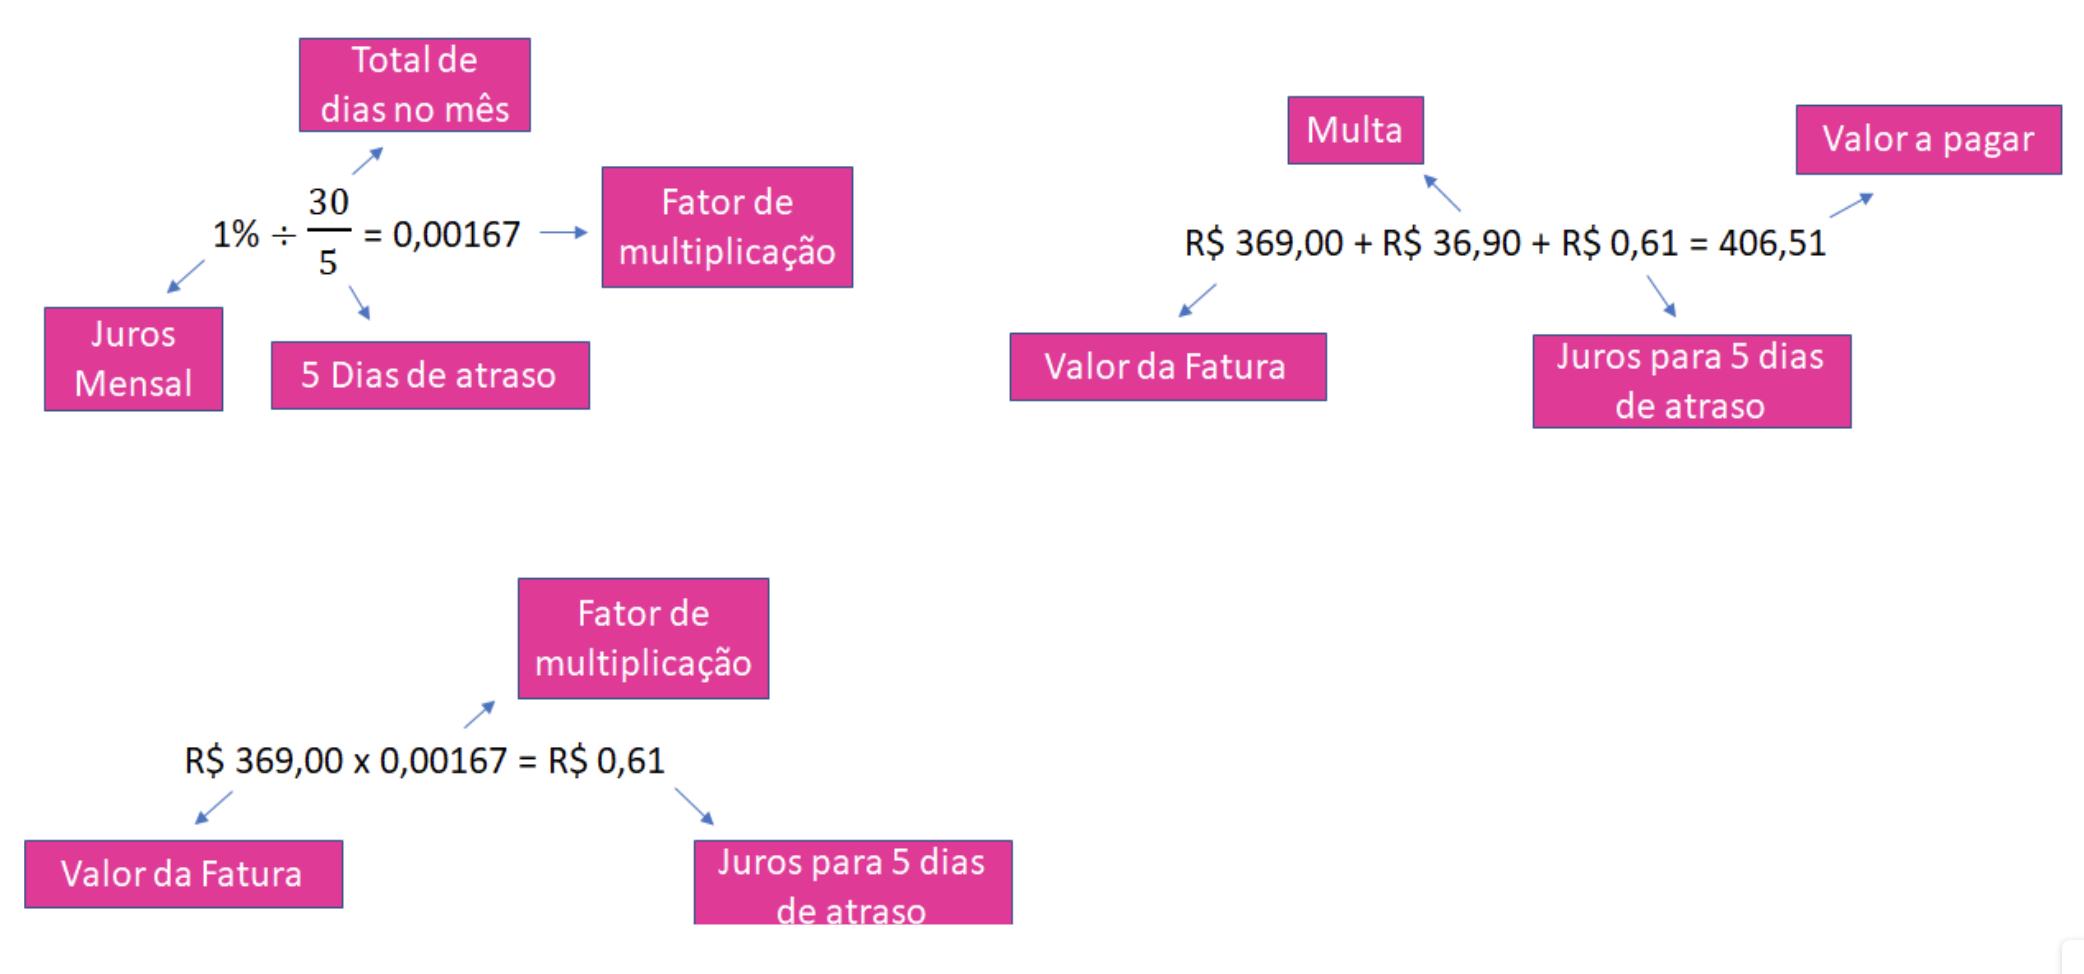 Captura_de_Tela_2020-04-06_a_s_15.50.50.png